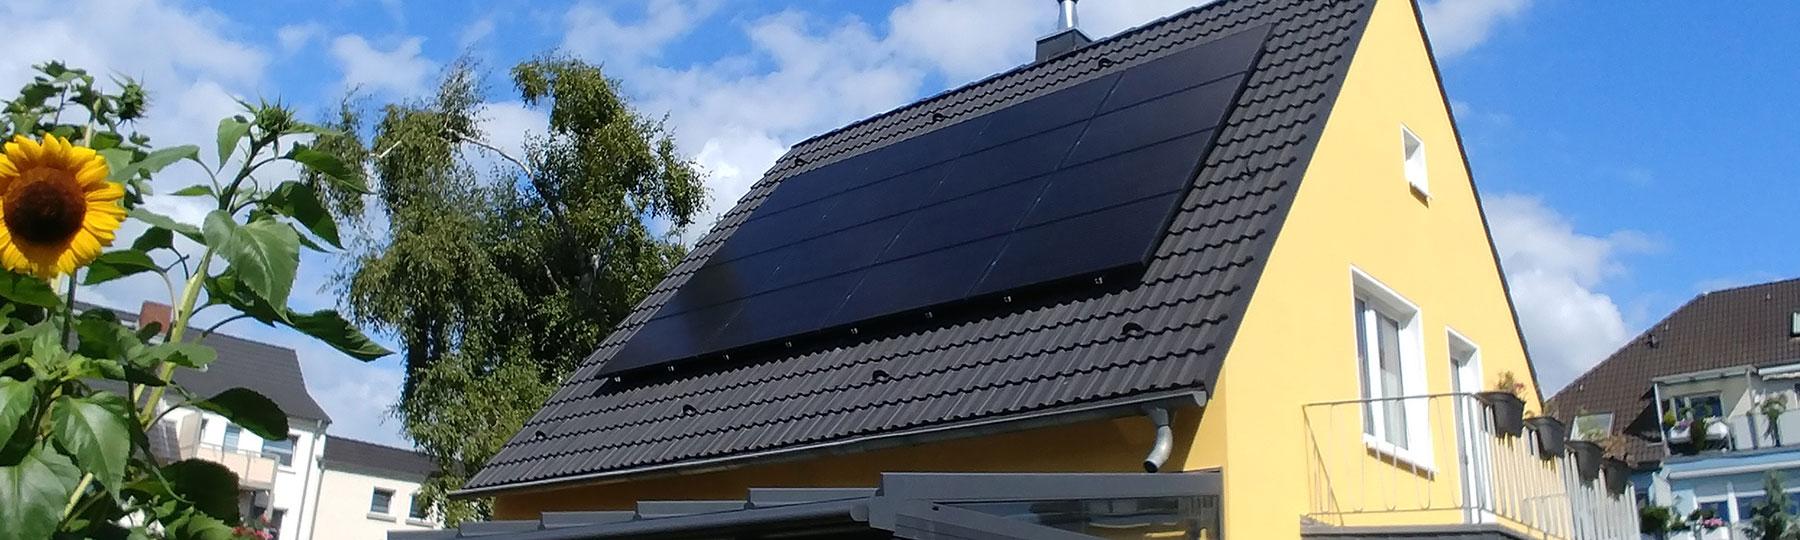 photovoltaik anlagen unabh ngigkeit stromspeicher redtherm. Black Bedroom Furniture Sets. Home Design Ideas